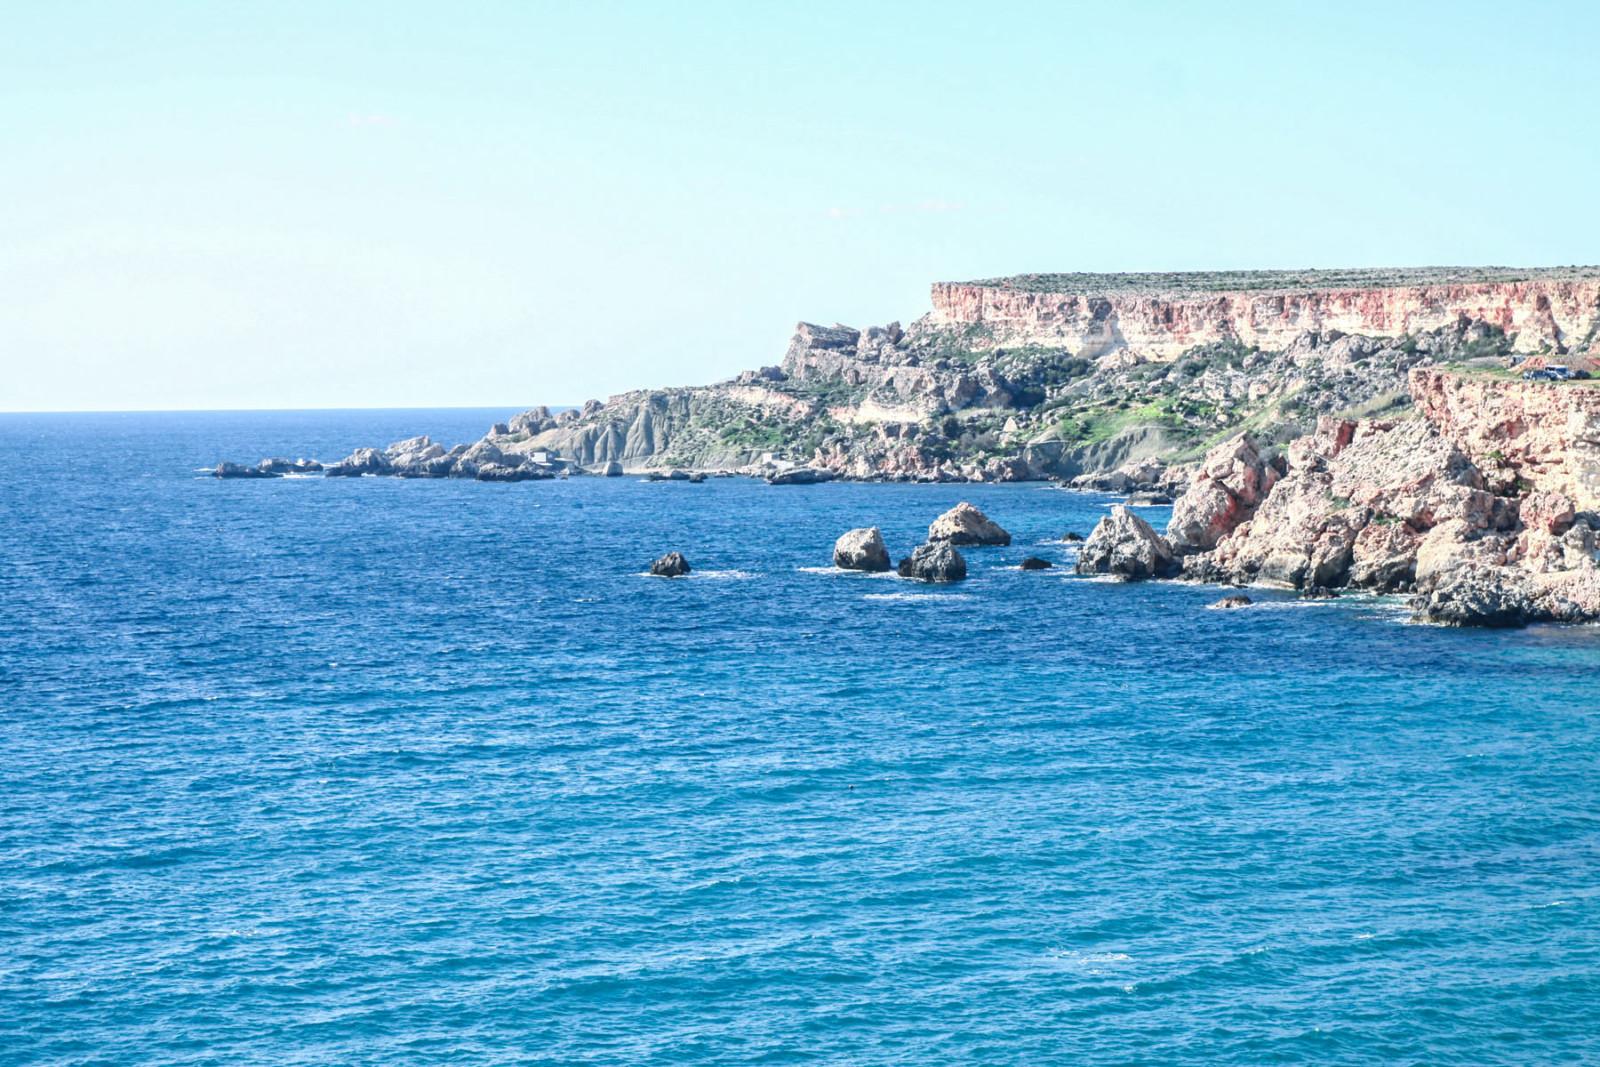 Golden Bay e Għajn Tuffieħa